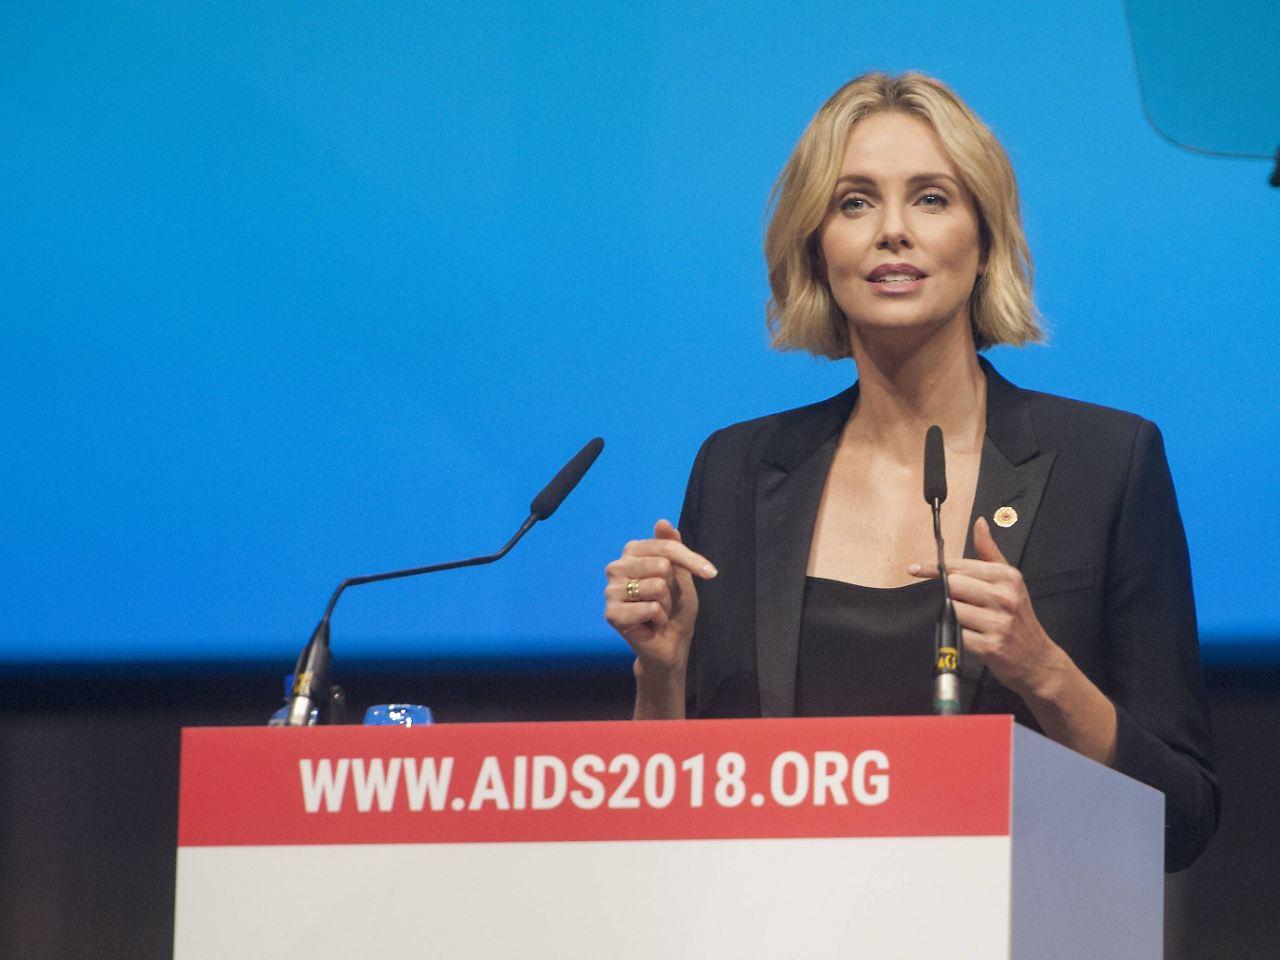 Auch Charlize Theron warb bei der Konferenz für den verstärkten Kampf gegen HIV